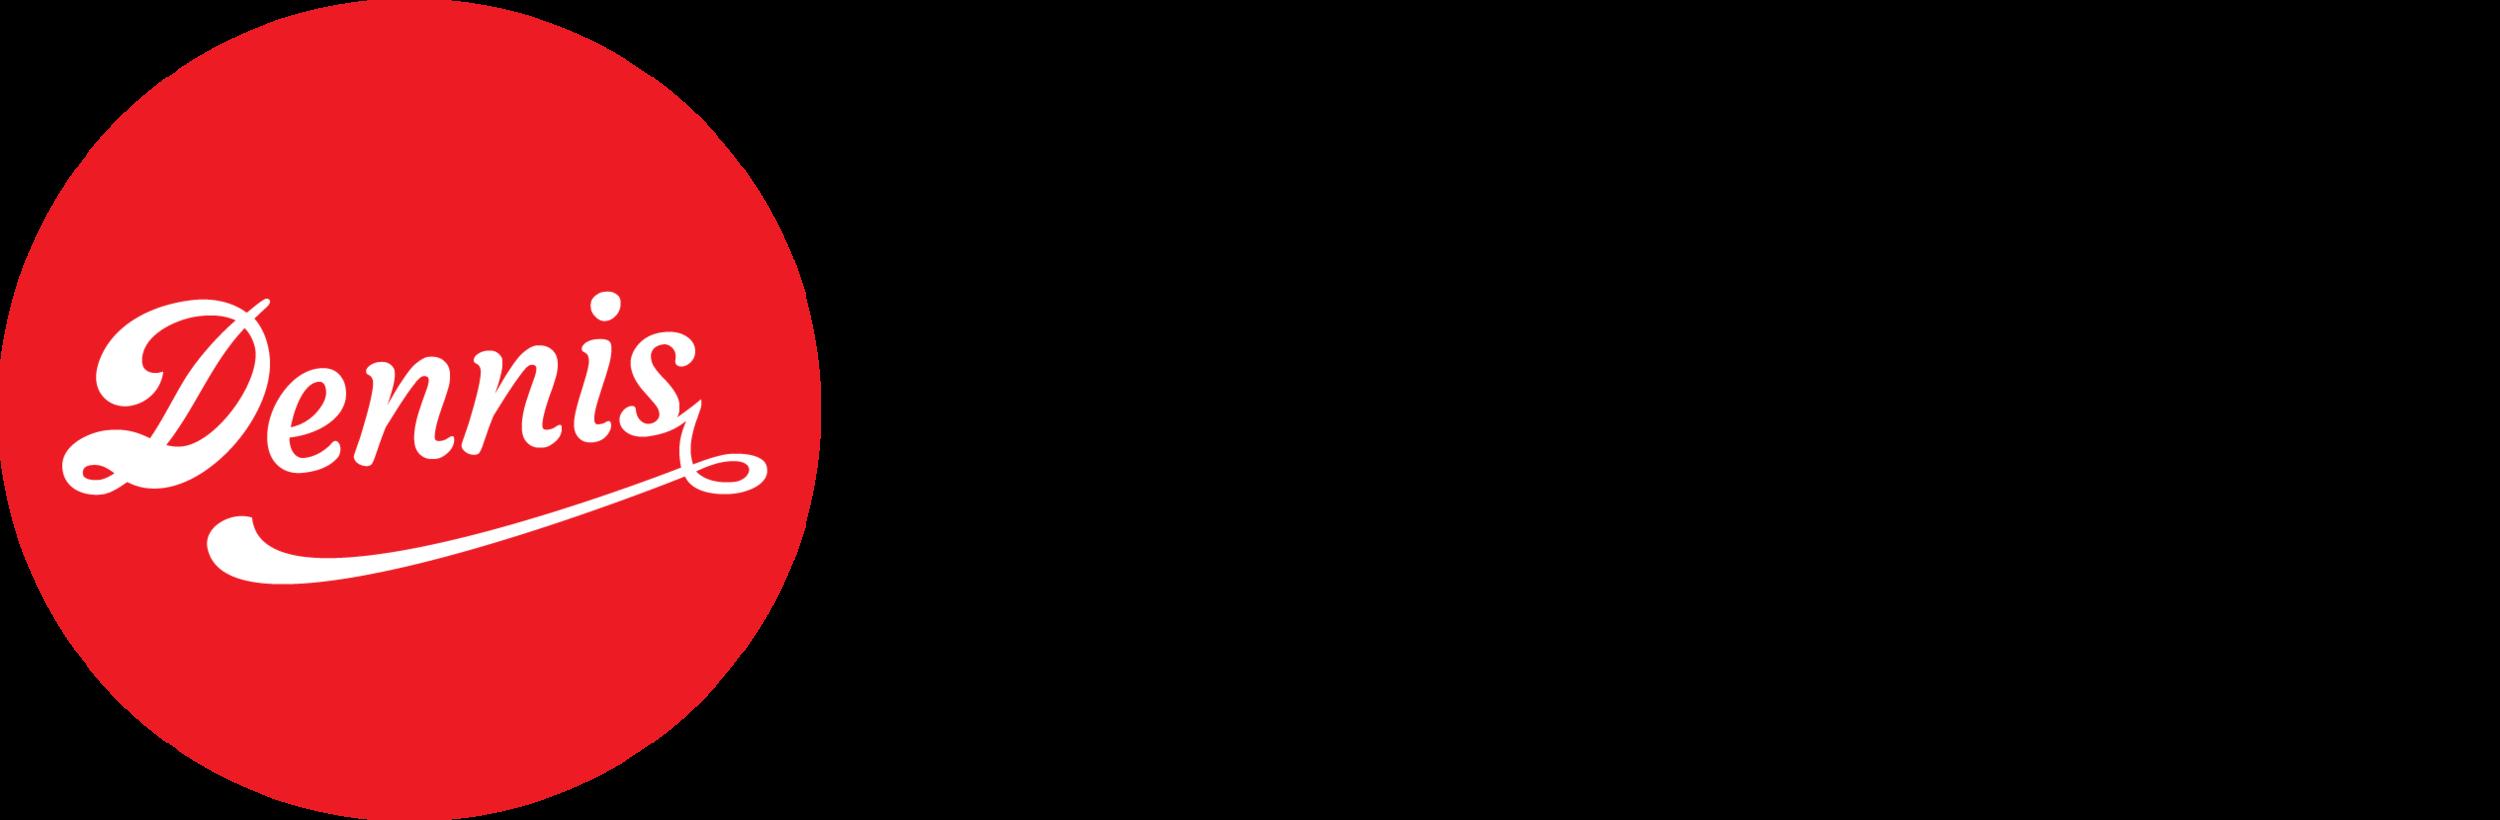 Dennis_BD_CMYK_Logo_BLK.png